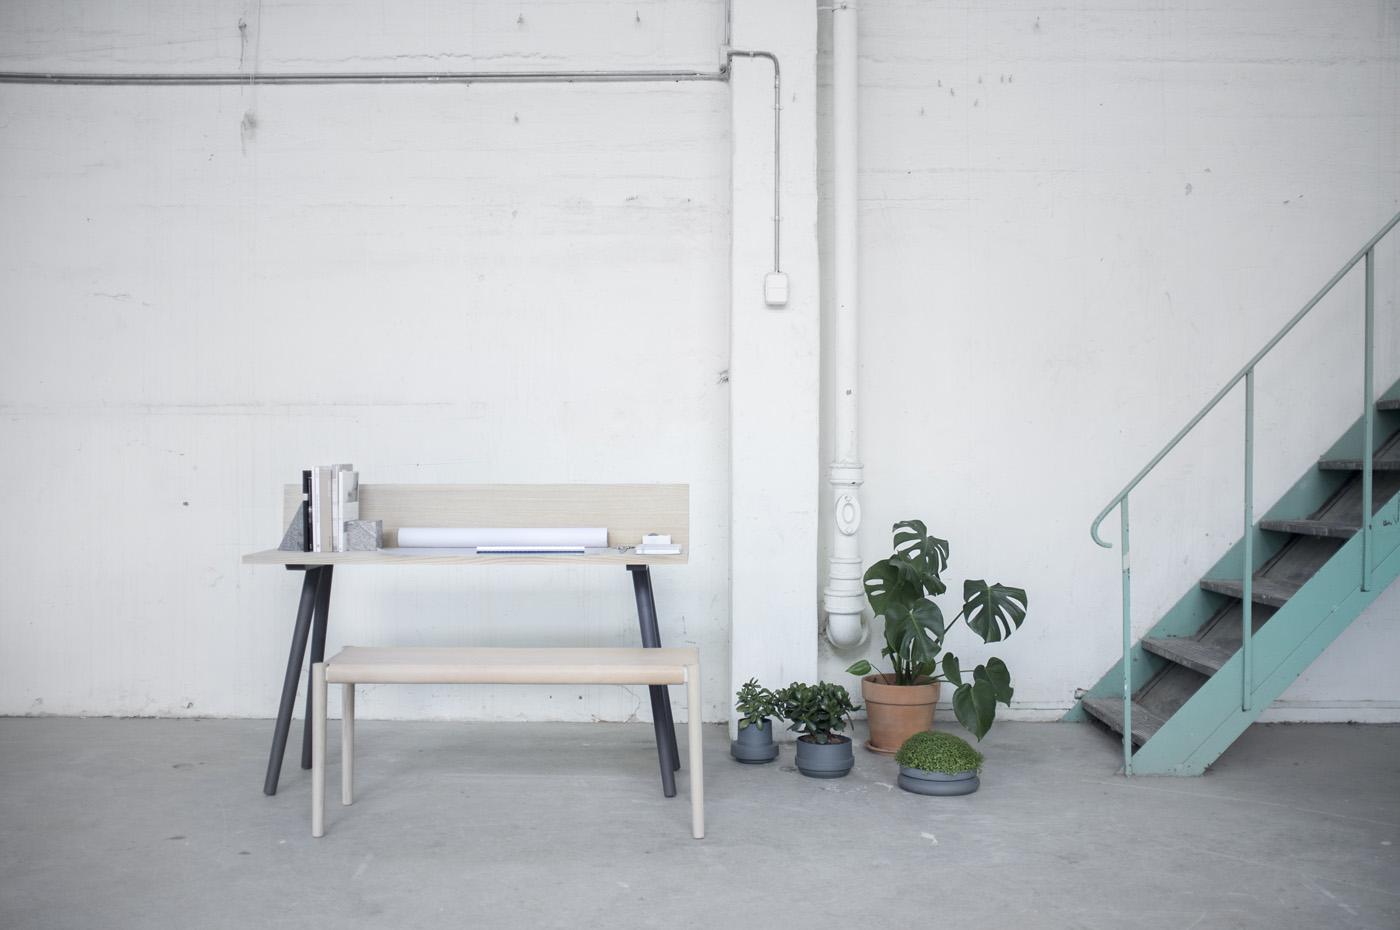 FLAP table desk